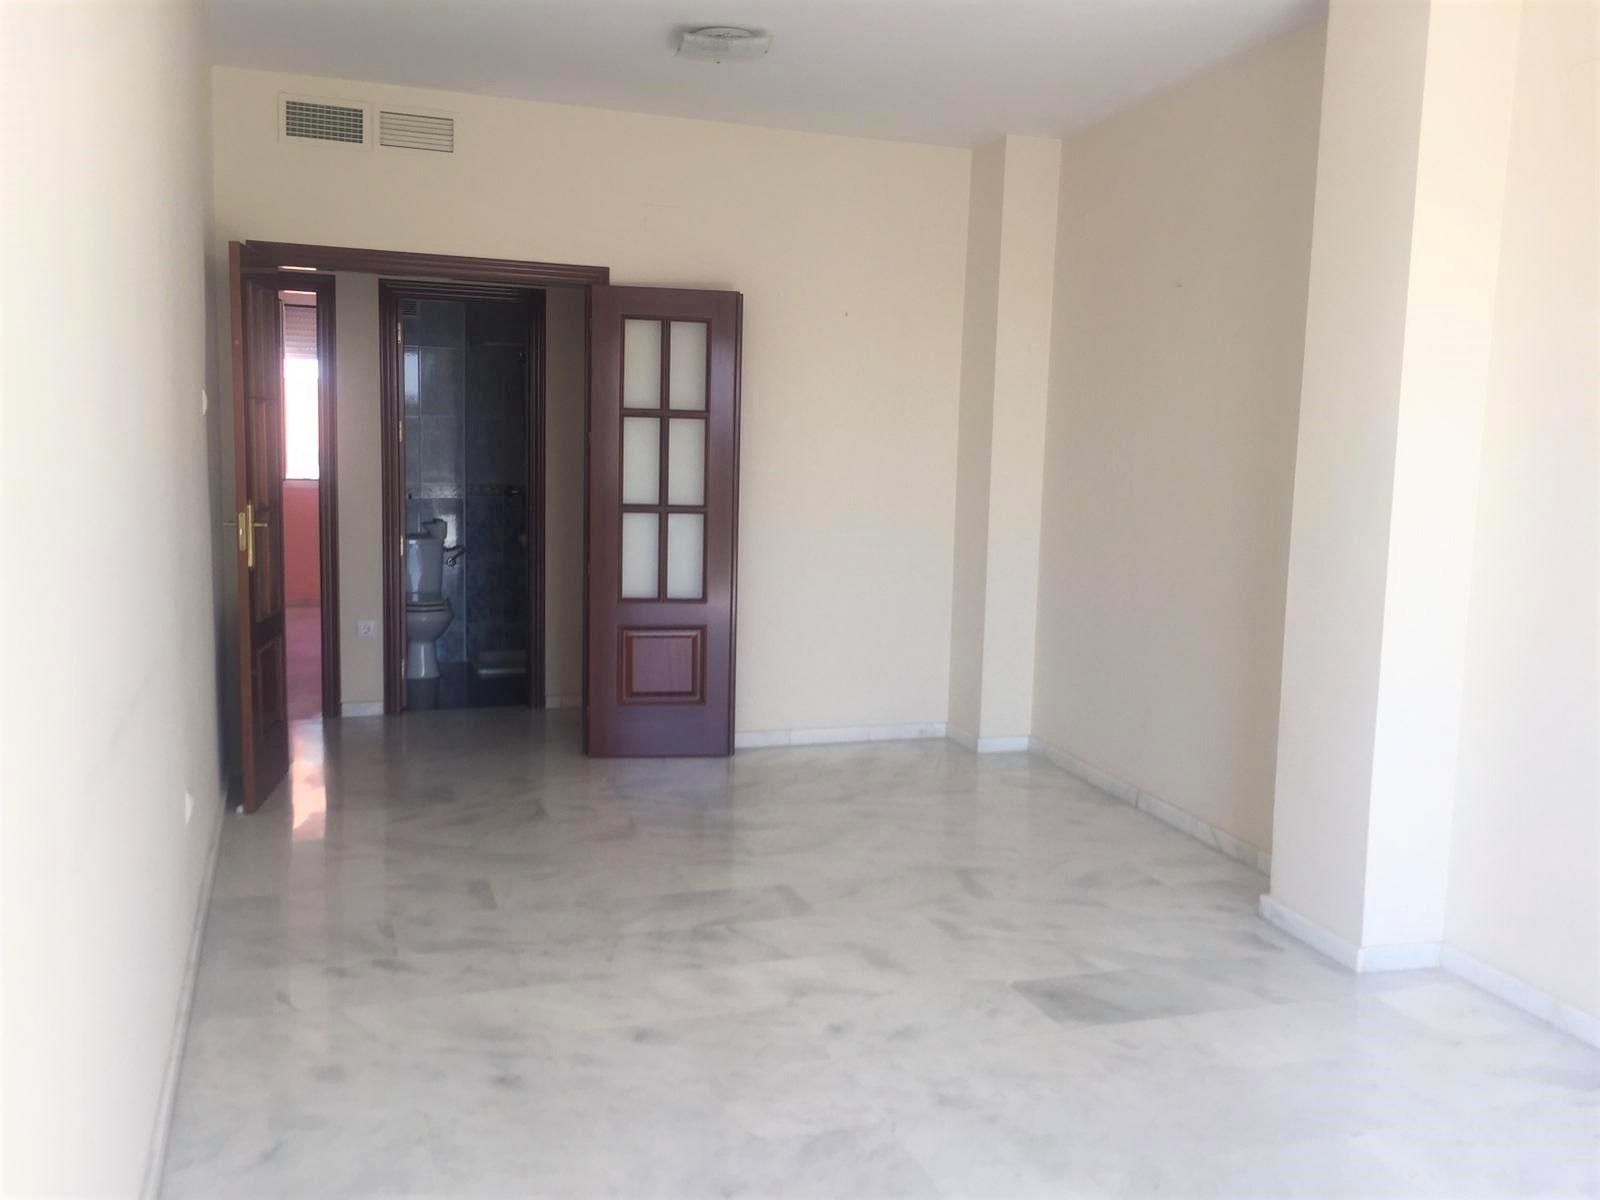 Salón con suelos de mármol y puertas de madera